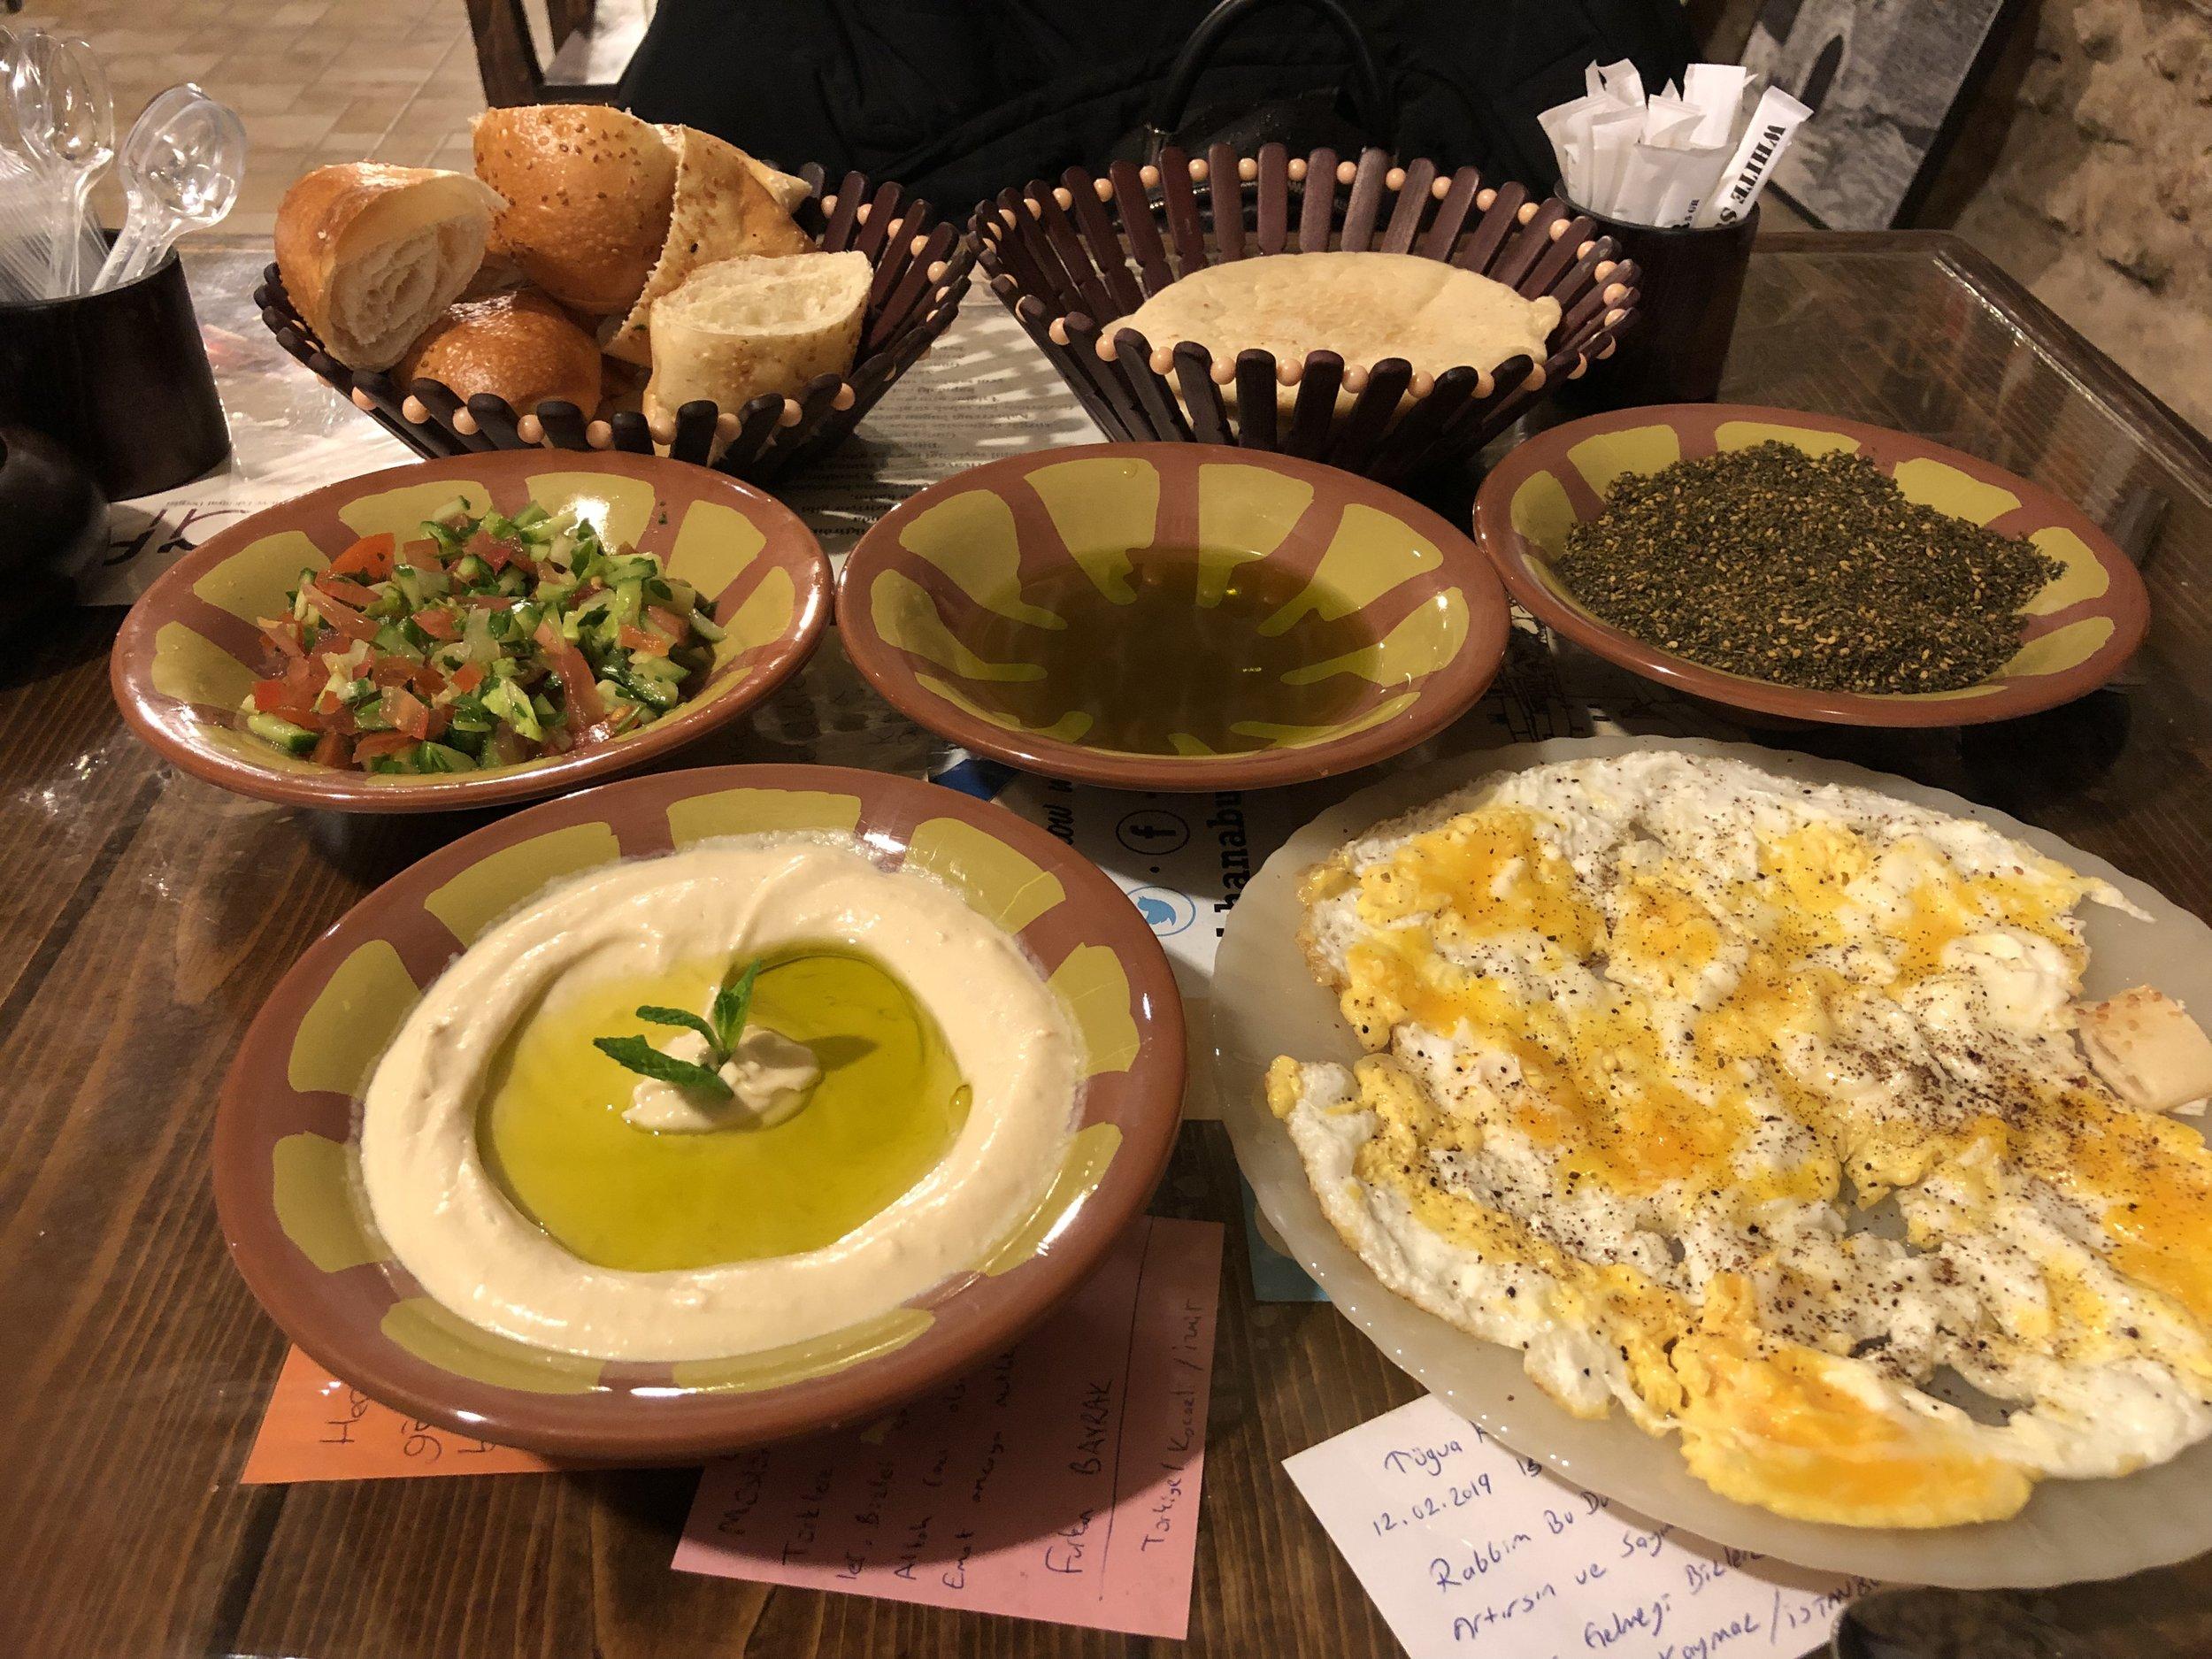 Het typisch Palestijnse ontbijt in de winkel van Emad is niet alleen erg lekker maar is ook een manier om Palestijnse winkeliers te (onder)steunen.